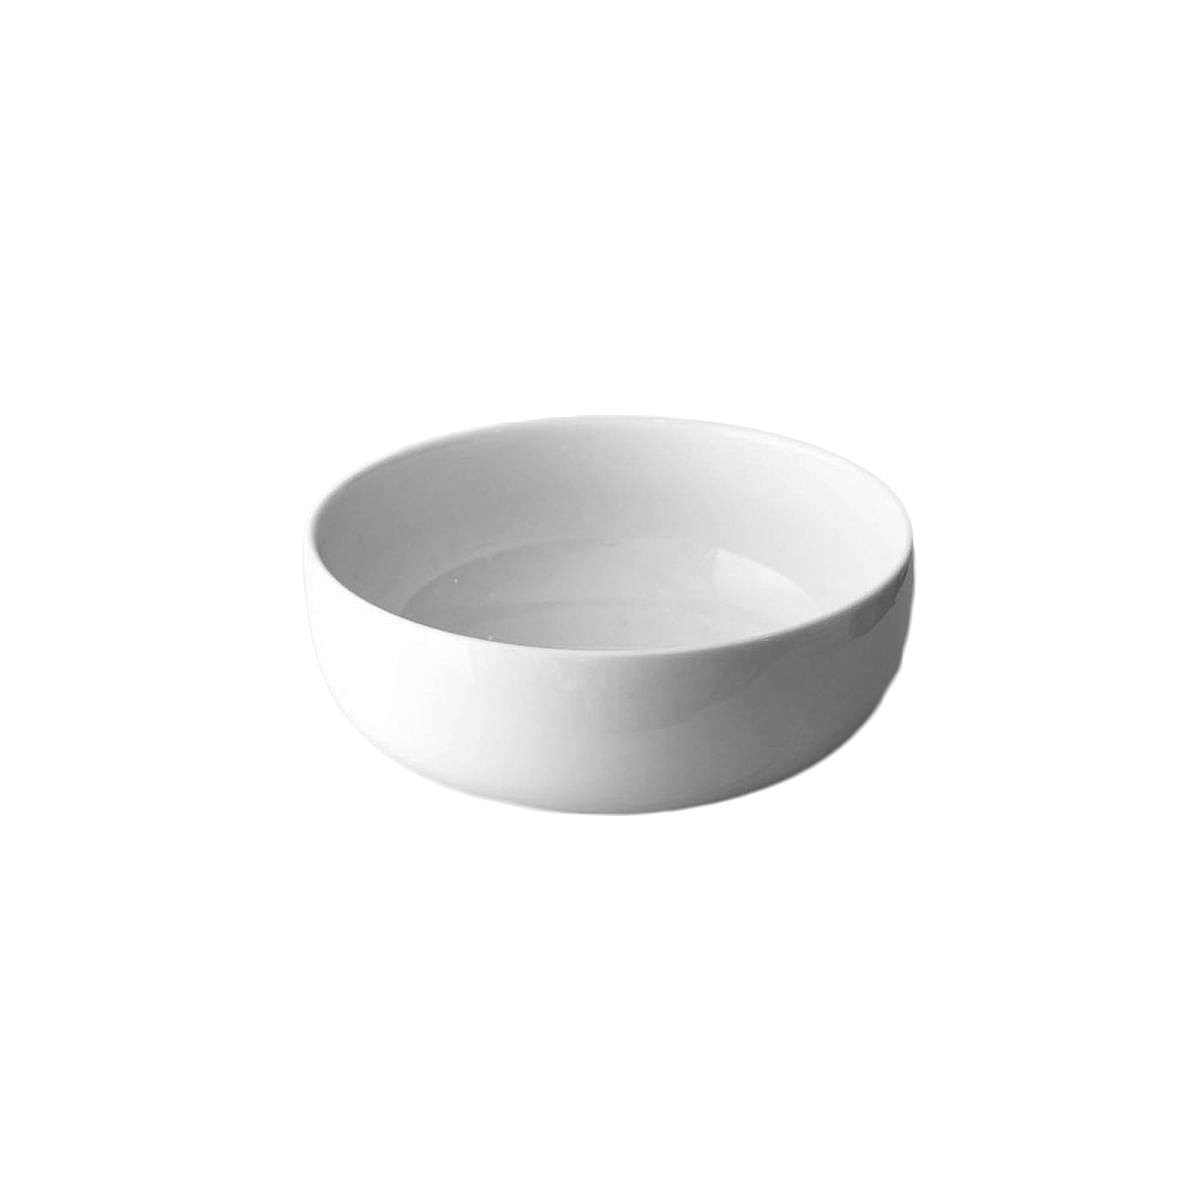 bowl-porcelana-para-ensalada